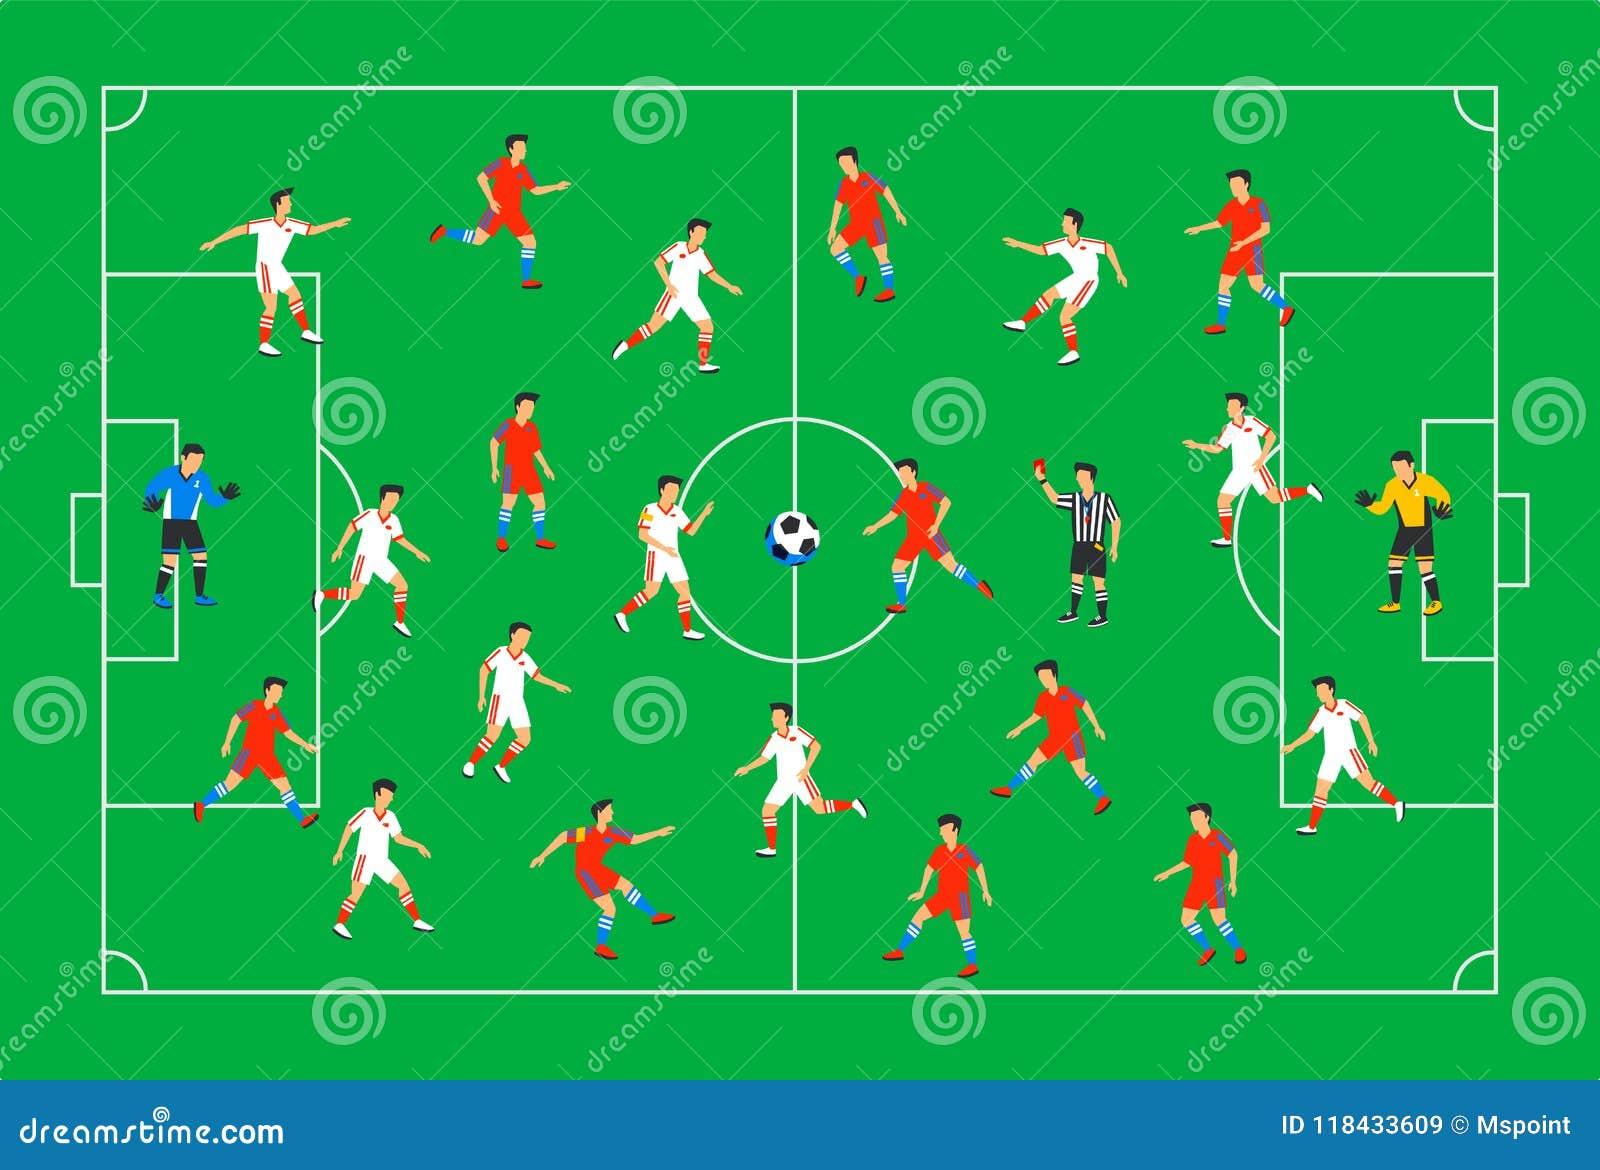 Posiciones de futbol